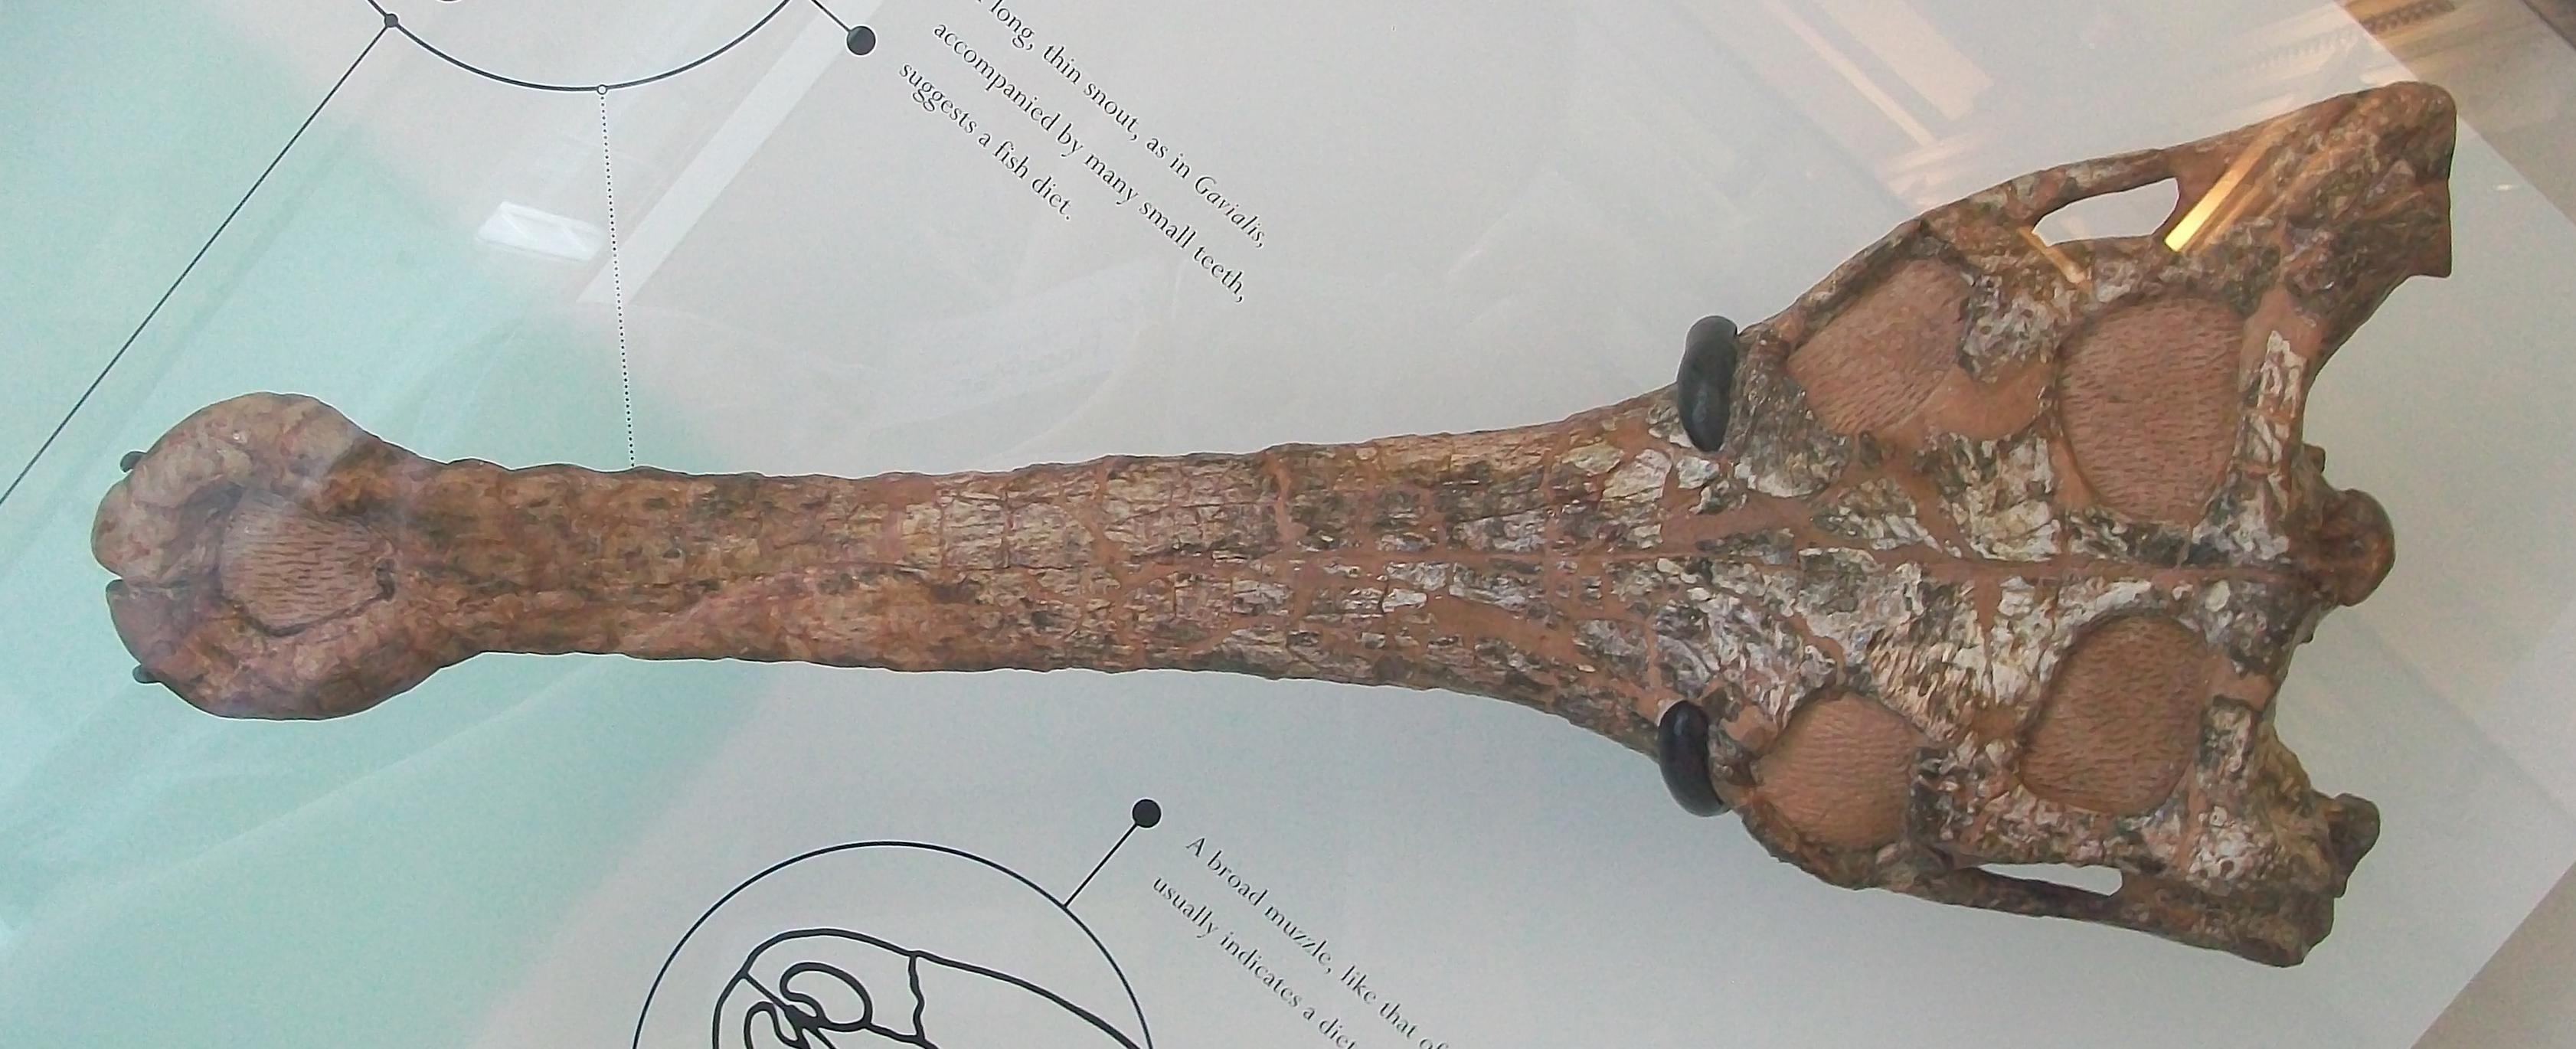 Gavial skull